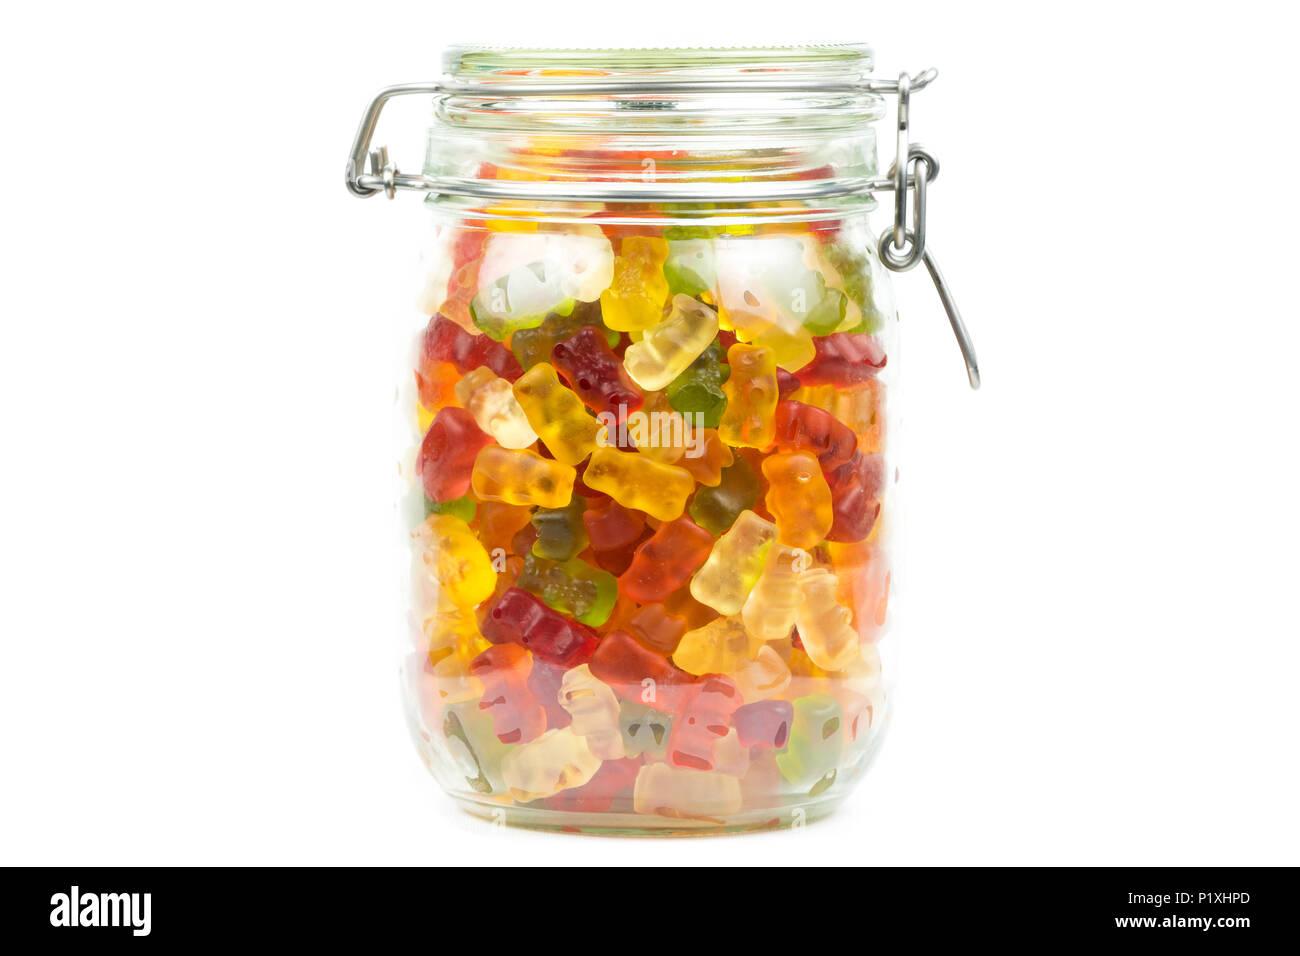 Ours gommeux colorés / jelly baby candy bonbons dans un bocal de verre sur un fond blanc Banque D'Images